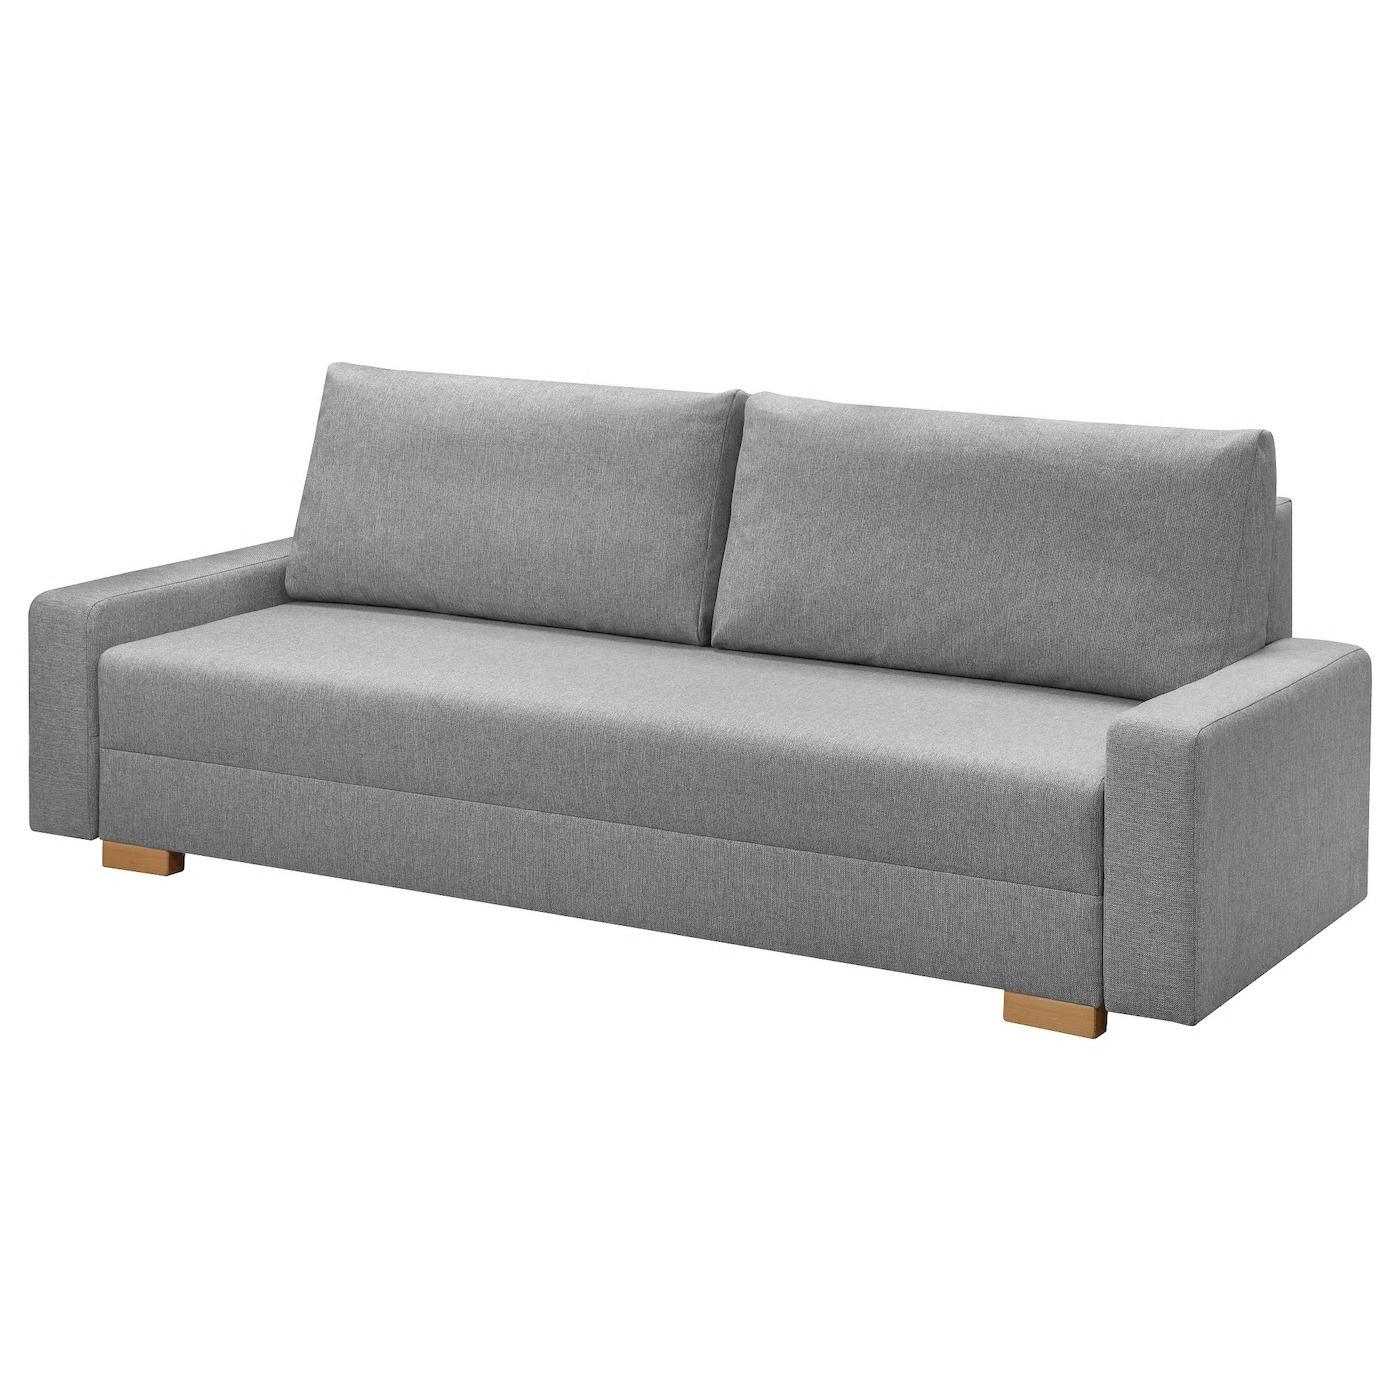 Gralviken Convertible Sofa Ikea Furniture Rental